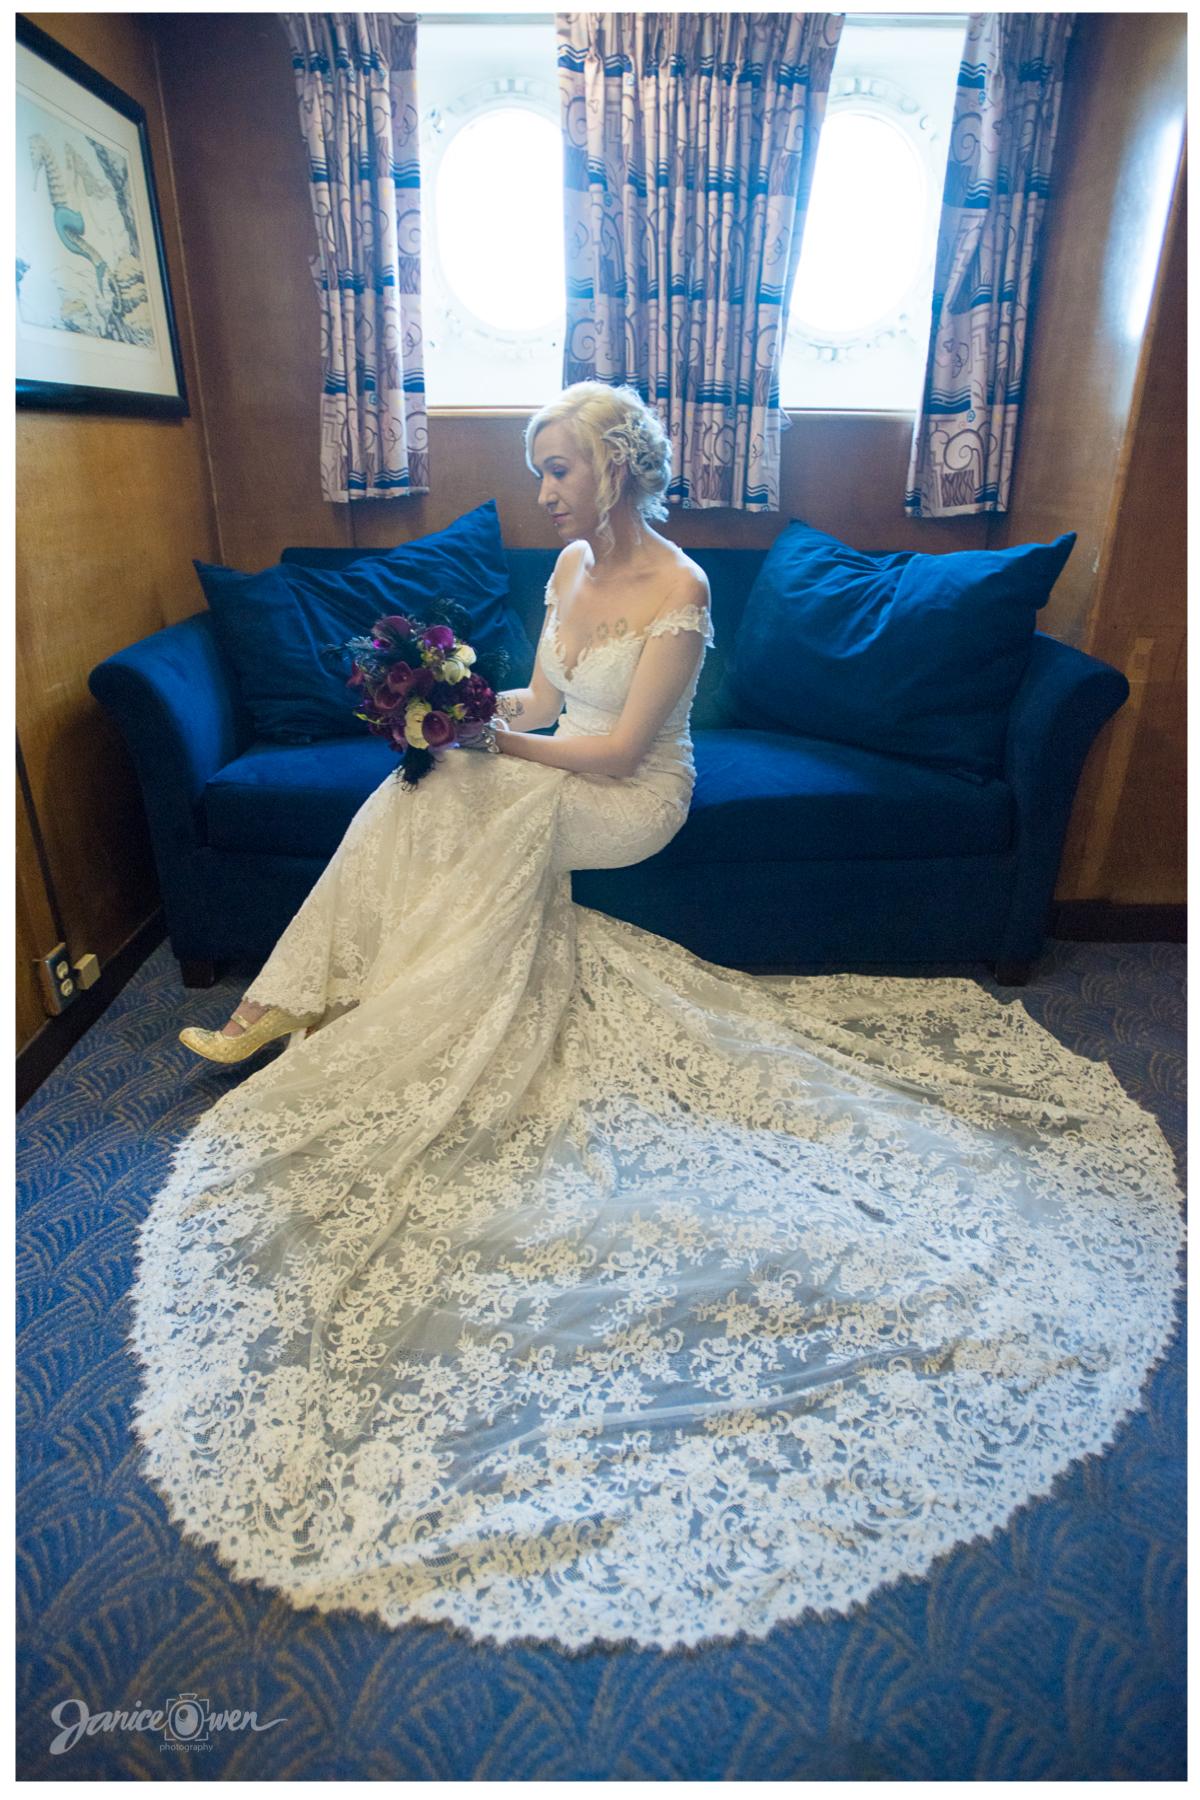 janiceowenphotography_wedding23.jpg